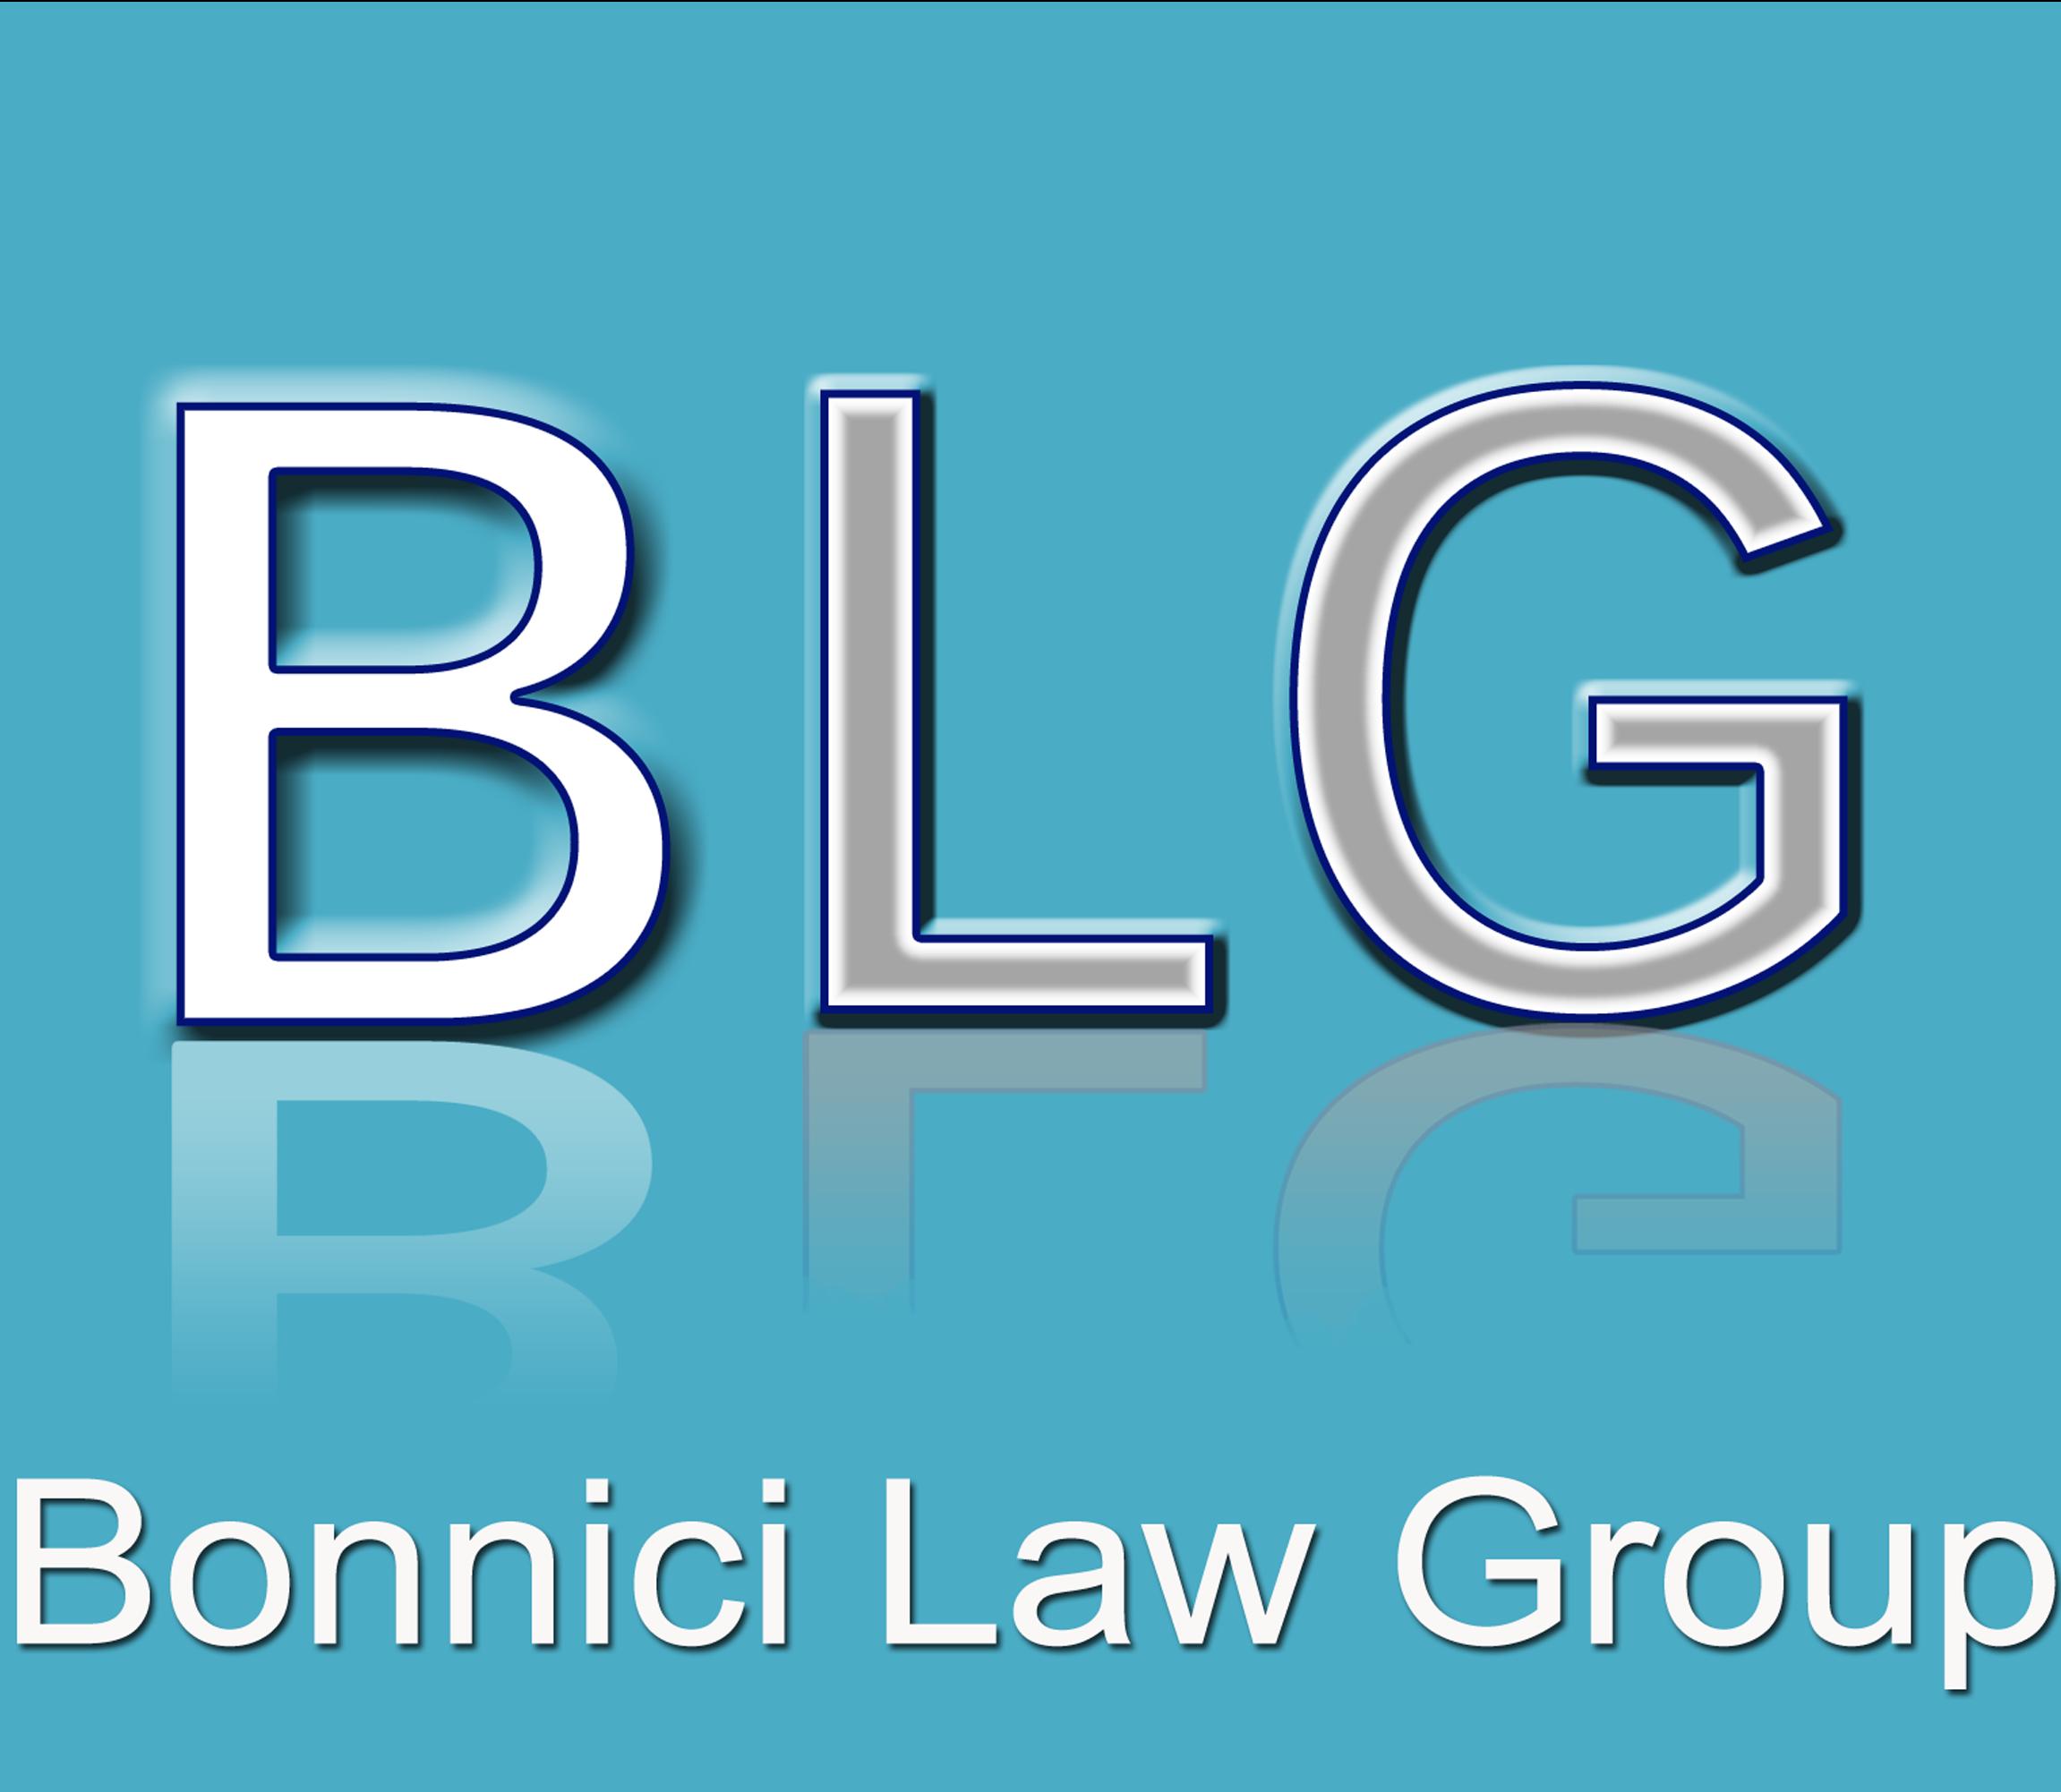 Bonnici Law Group